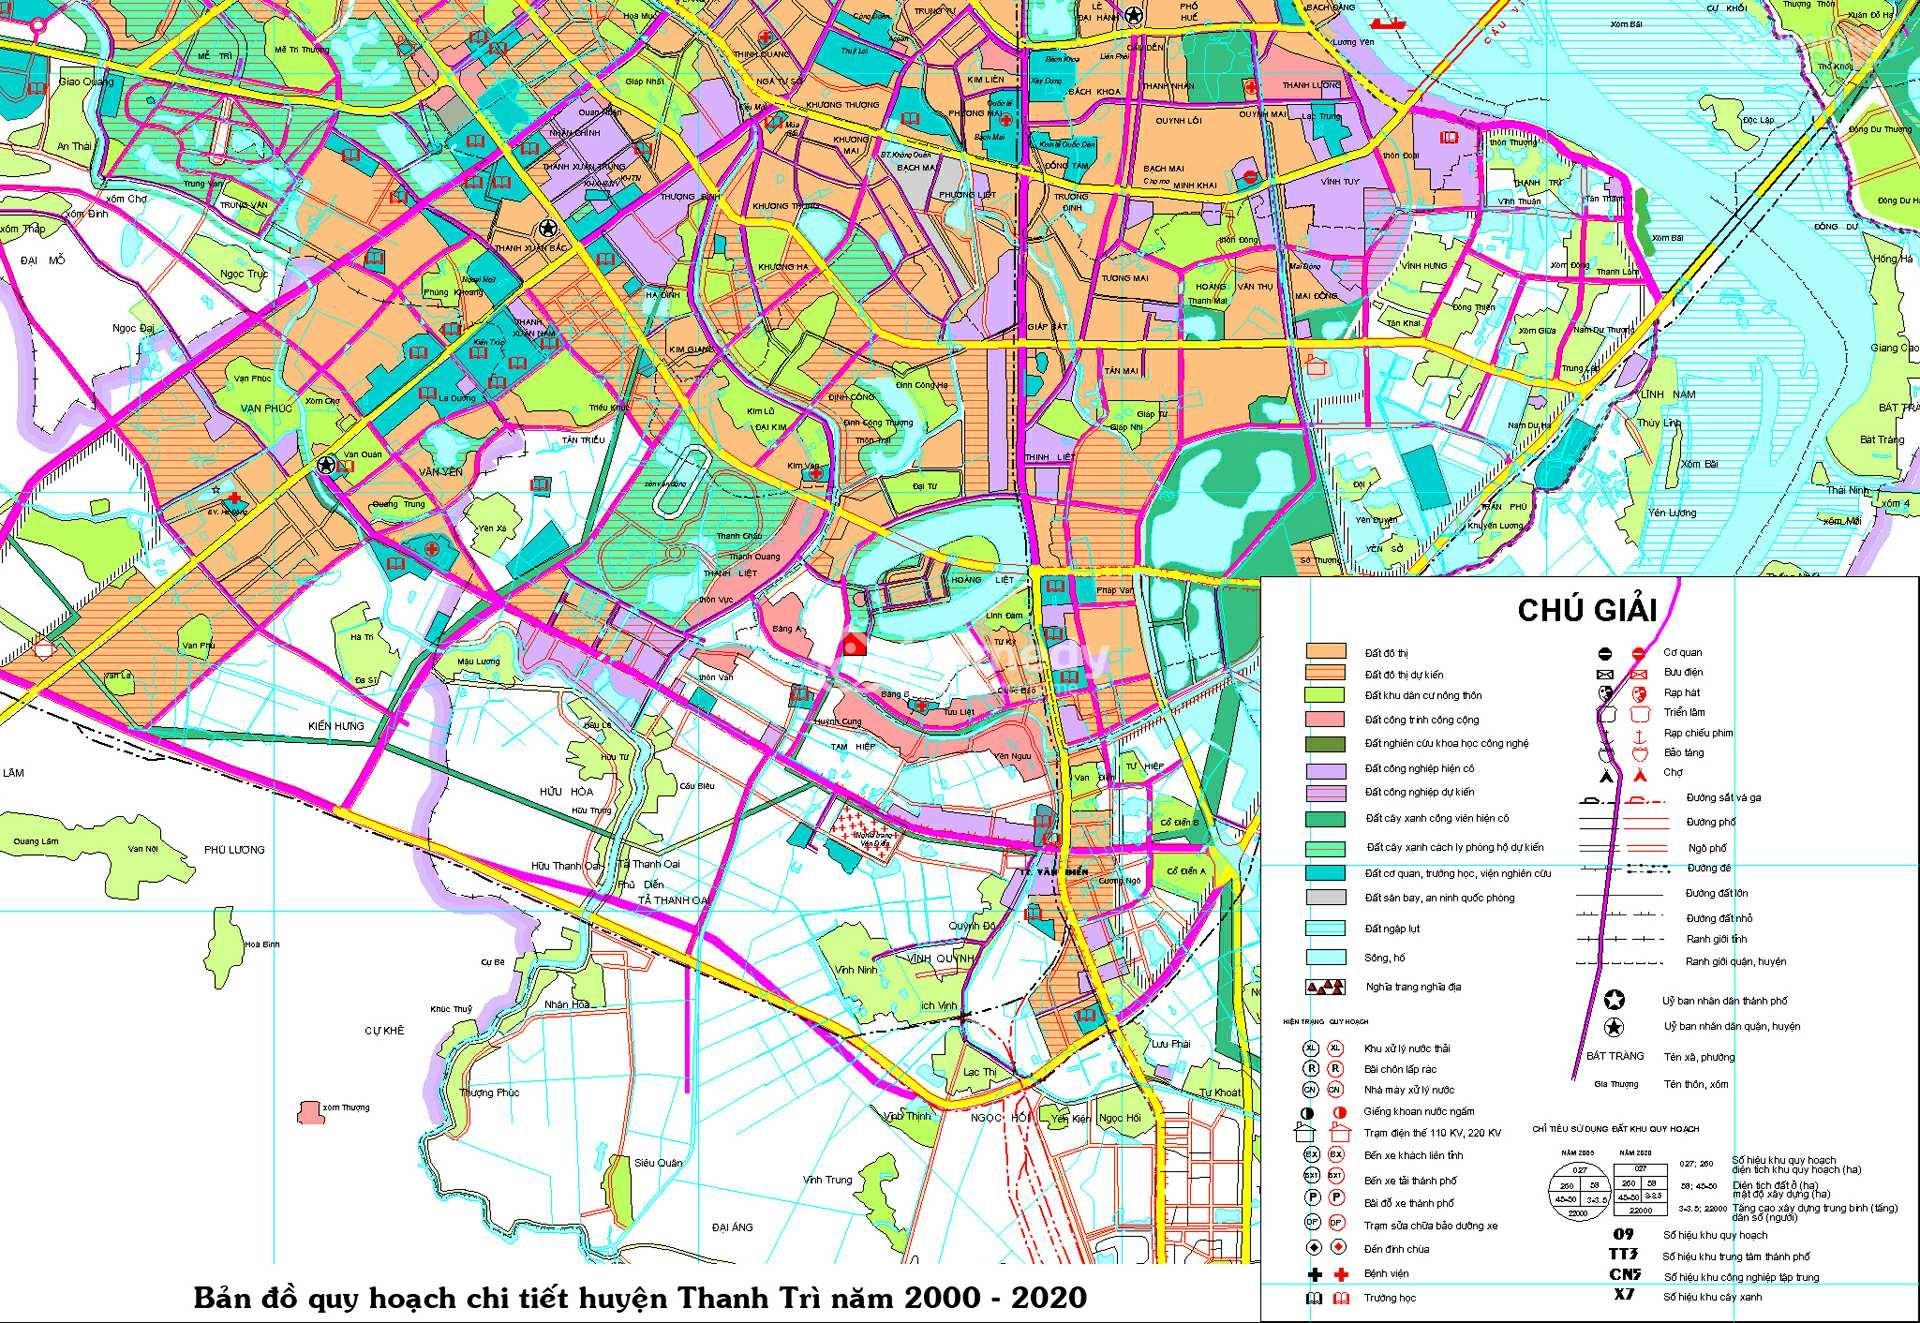 Thông tin, bản đồ quy hoạch huyện Thanh Trì